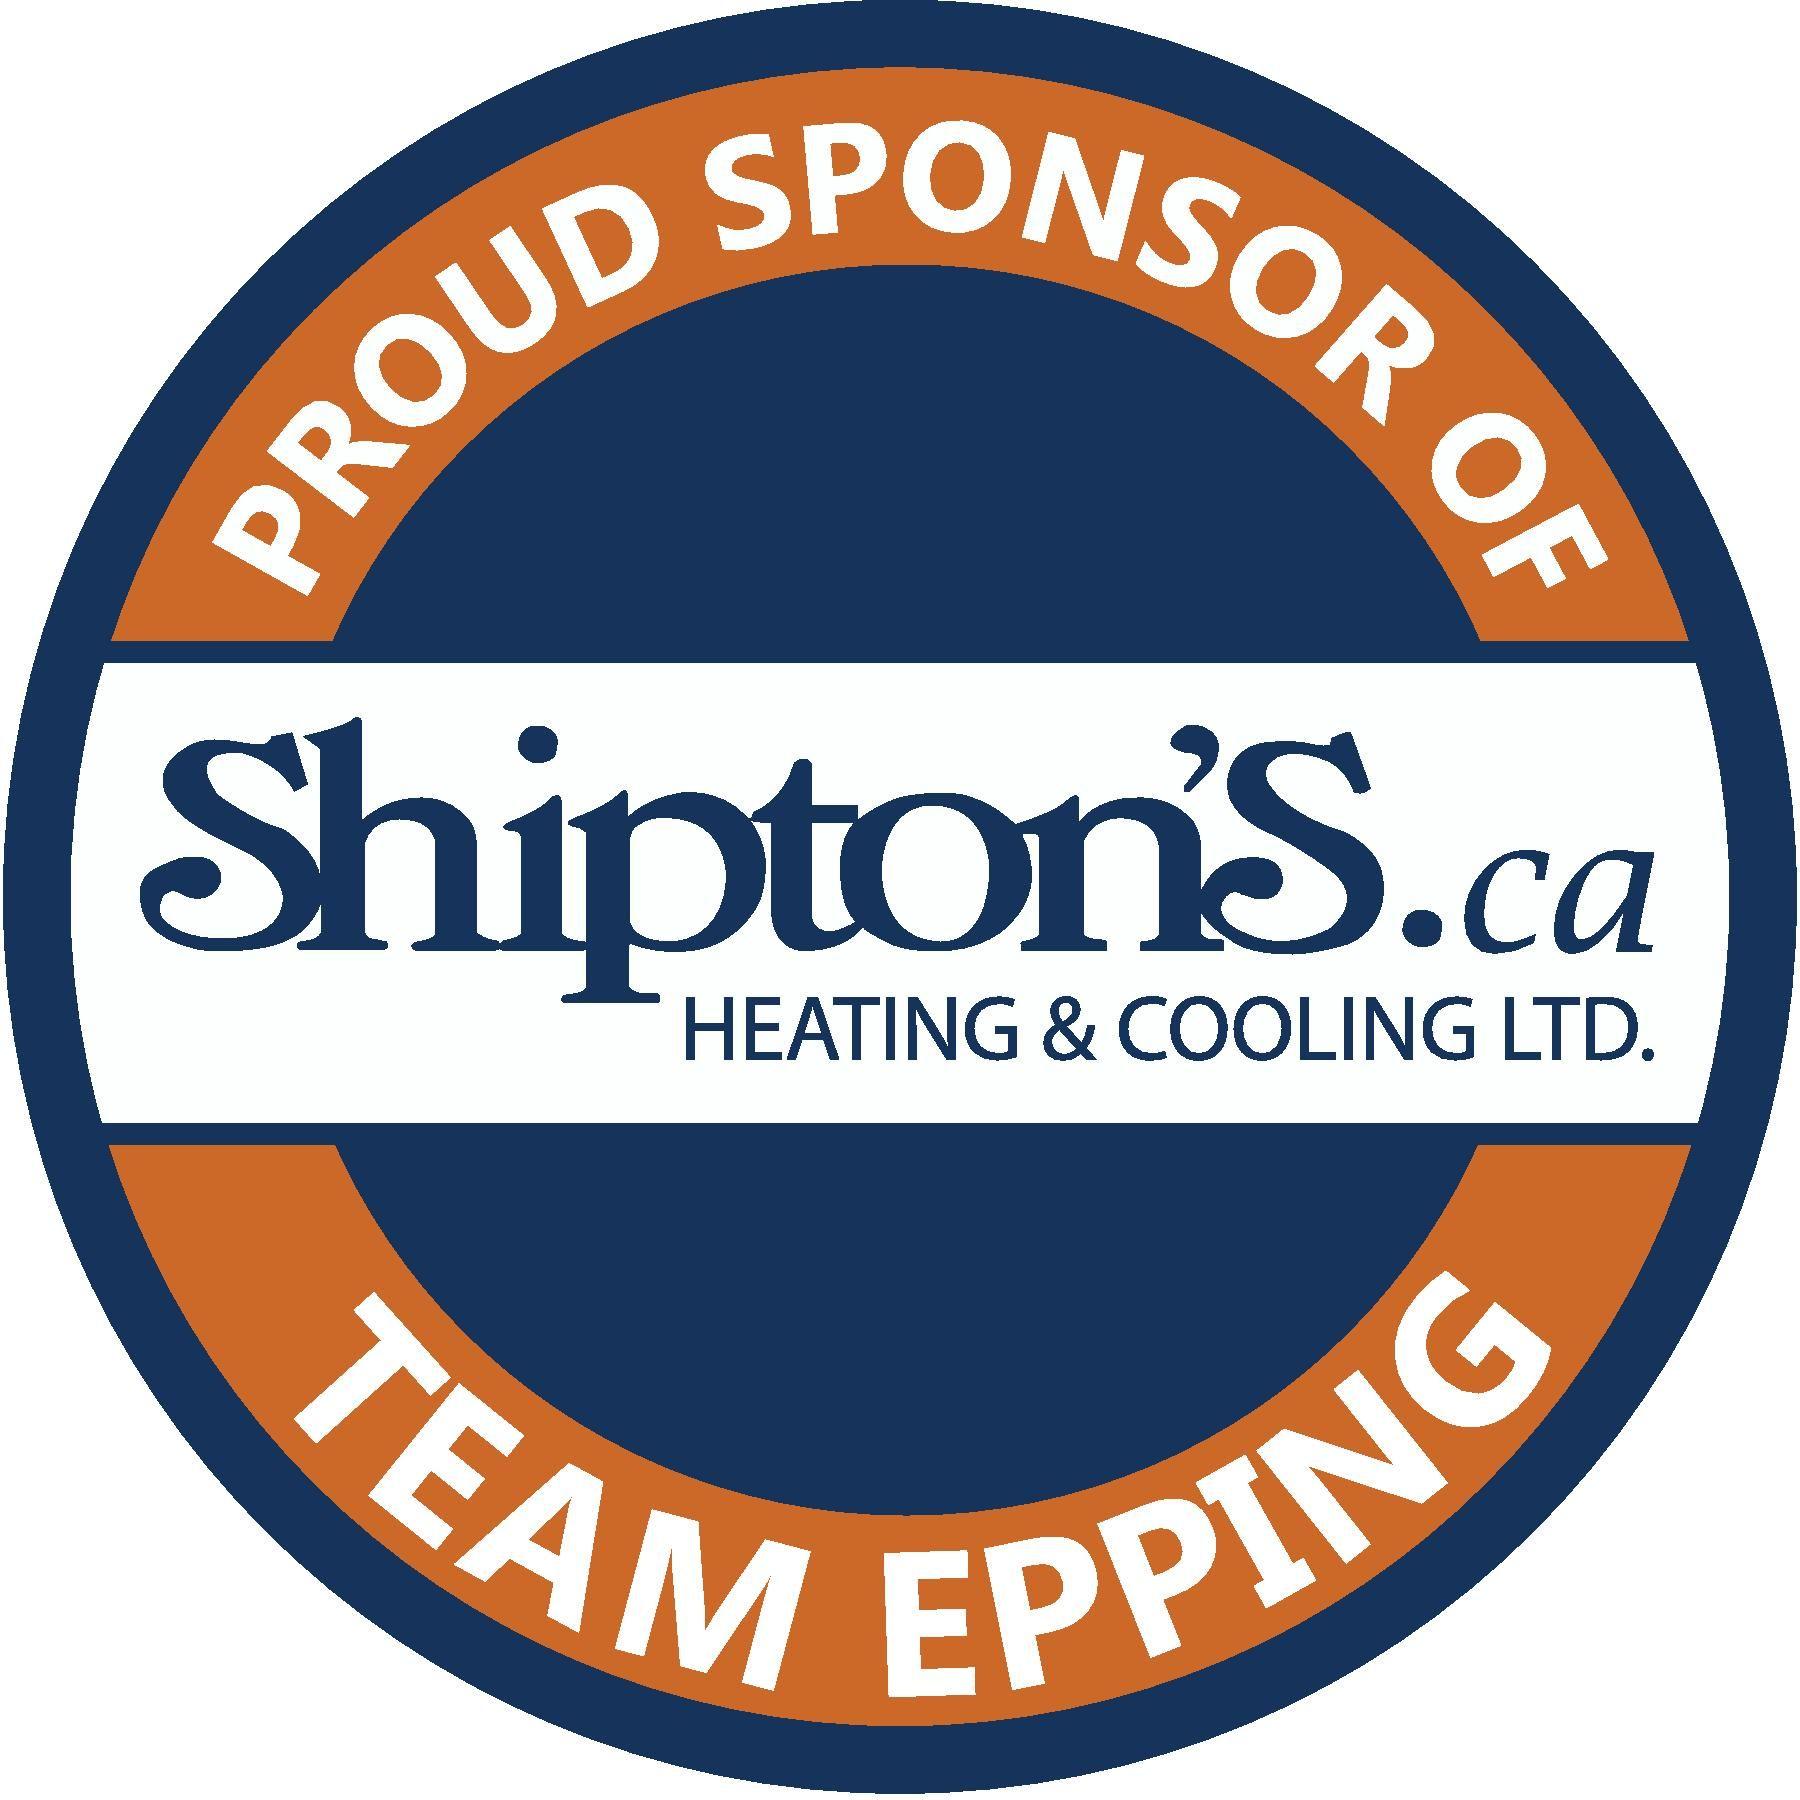 Shipton's